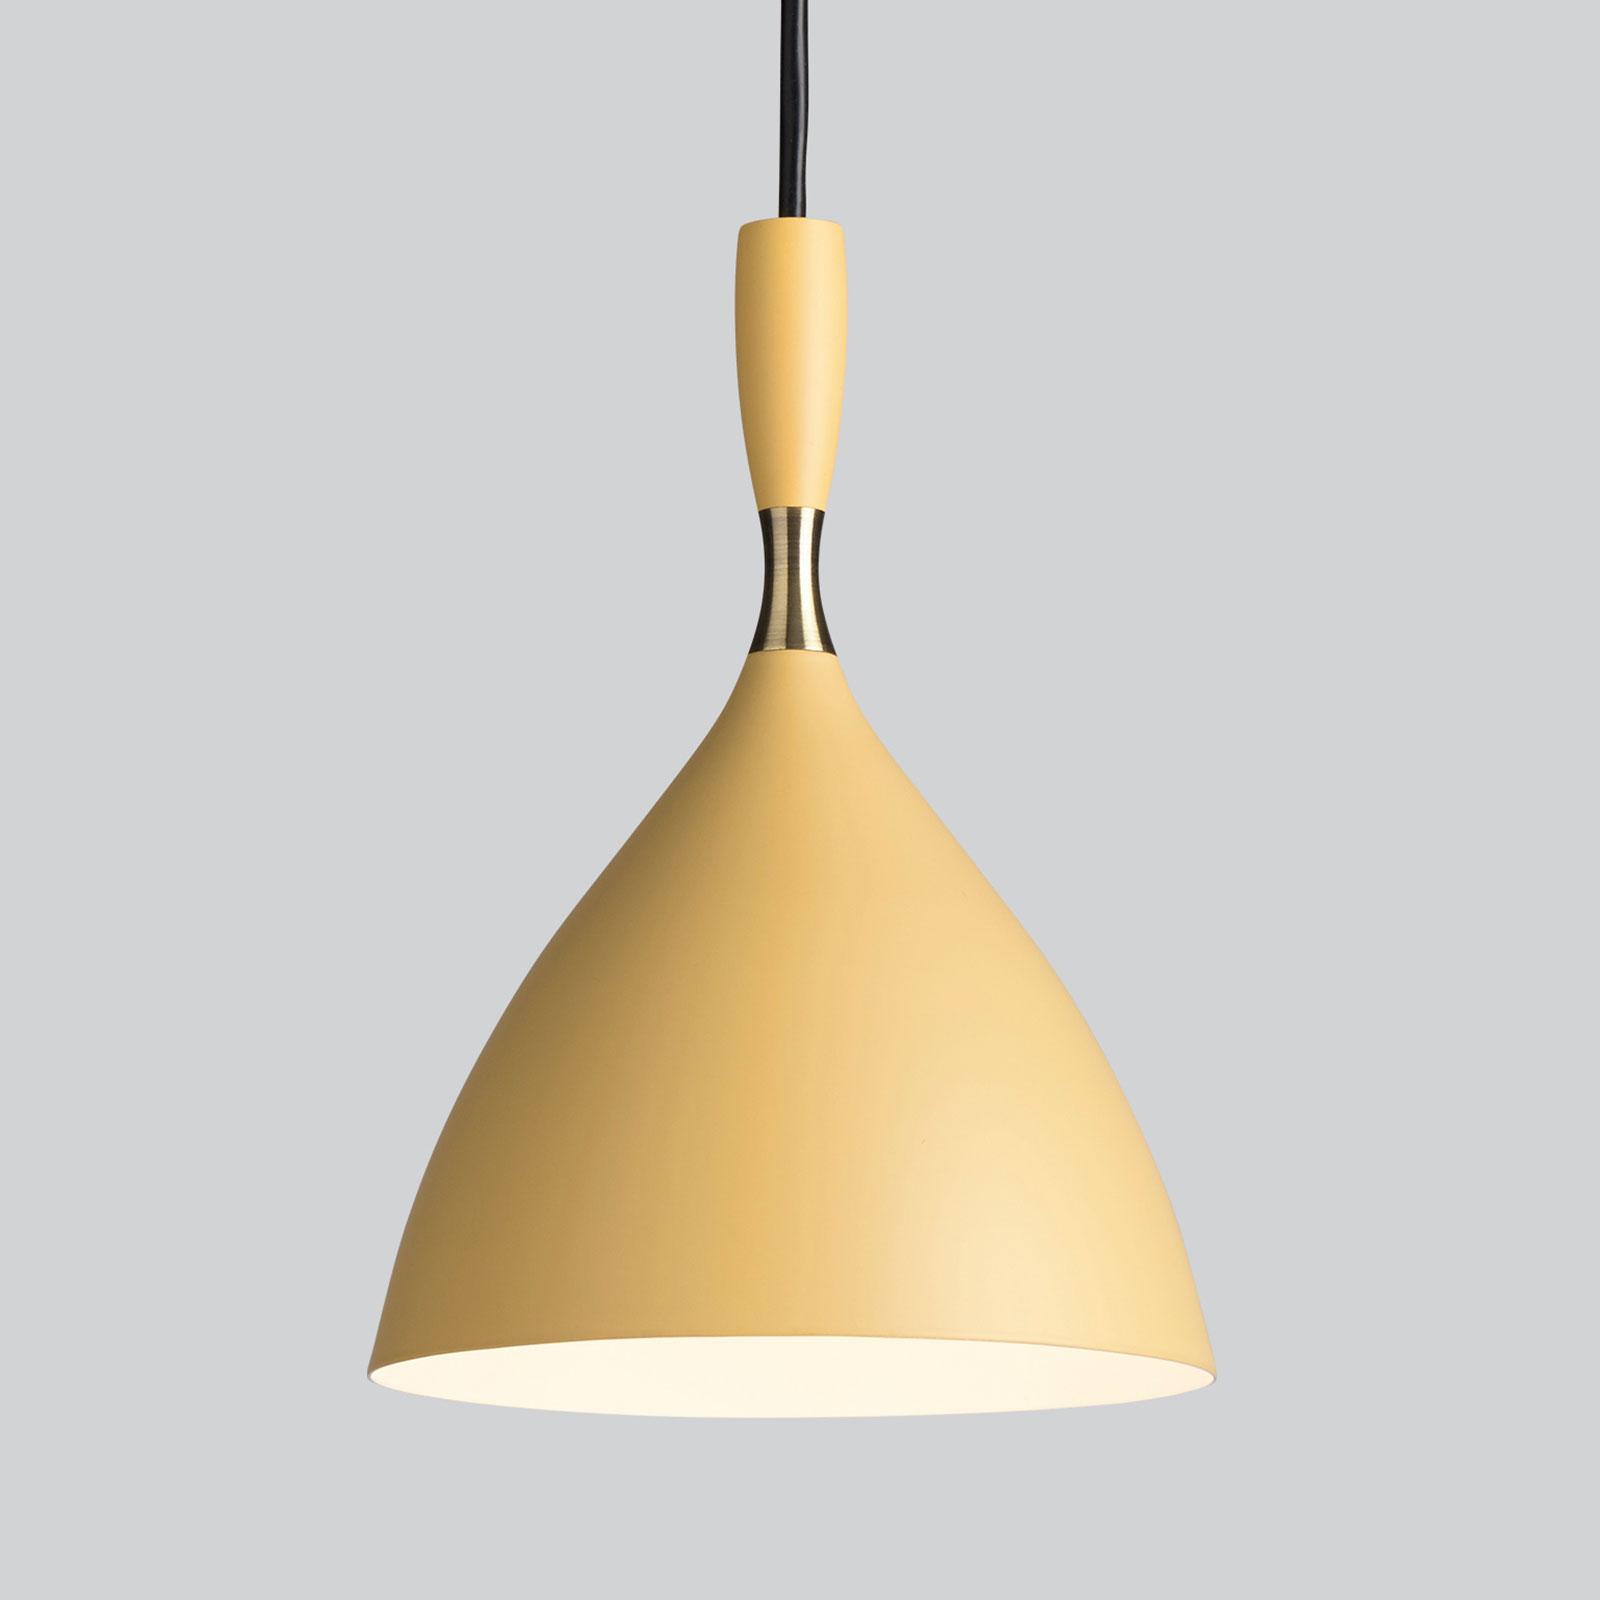 Northern hanglamp Dokka lichtgeel